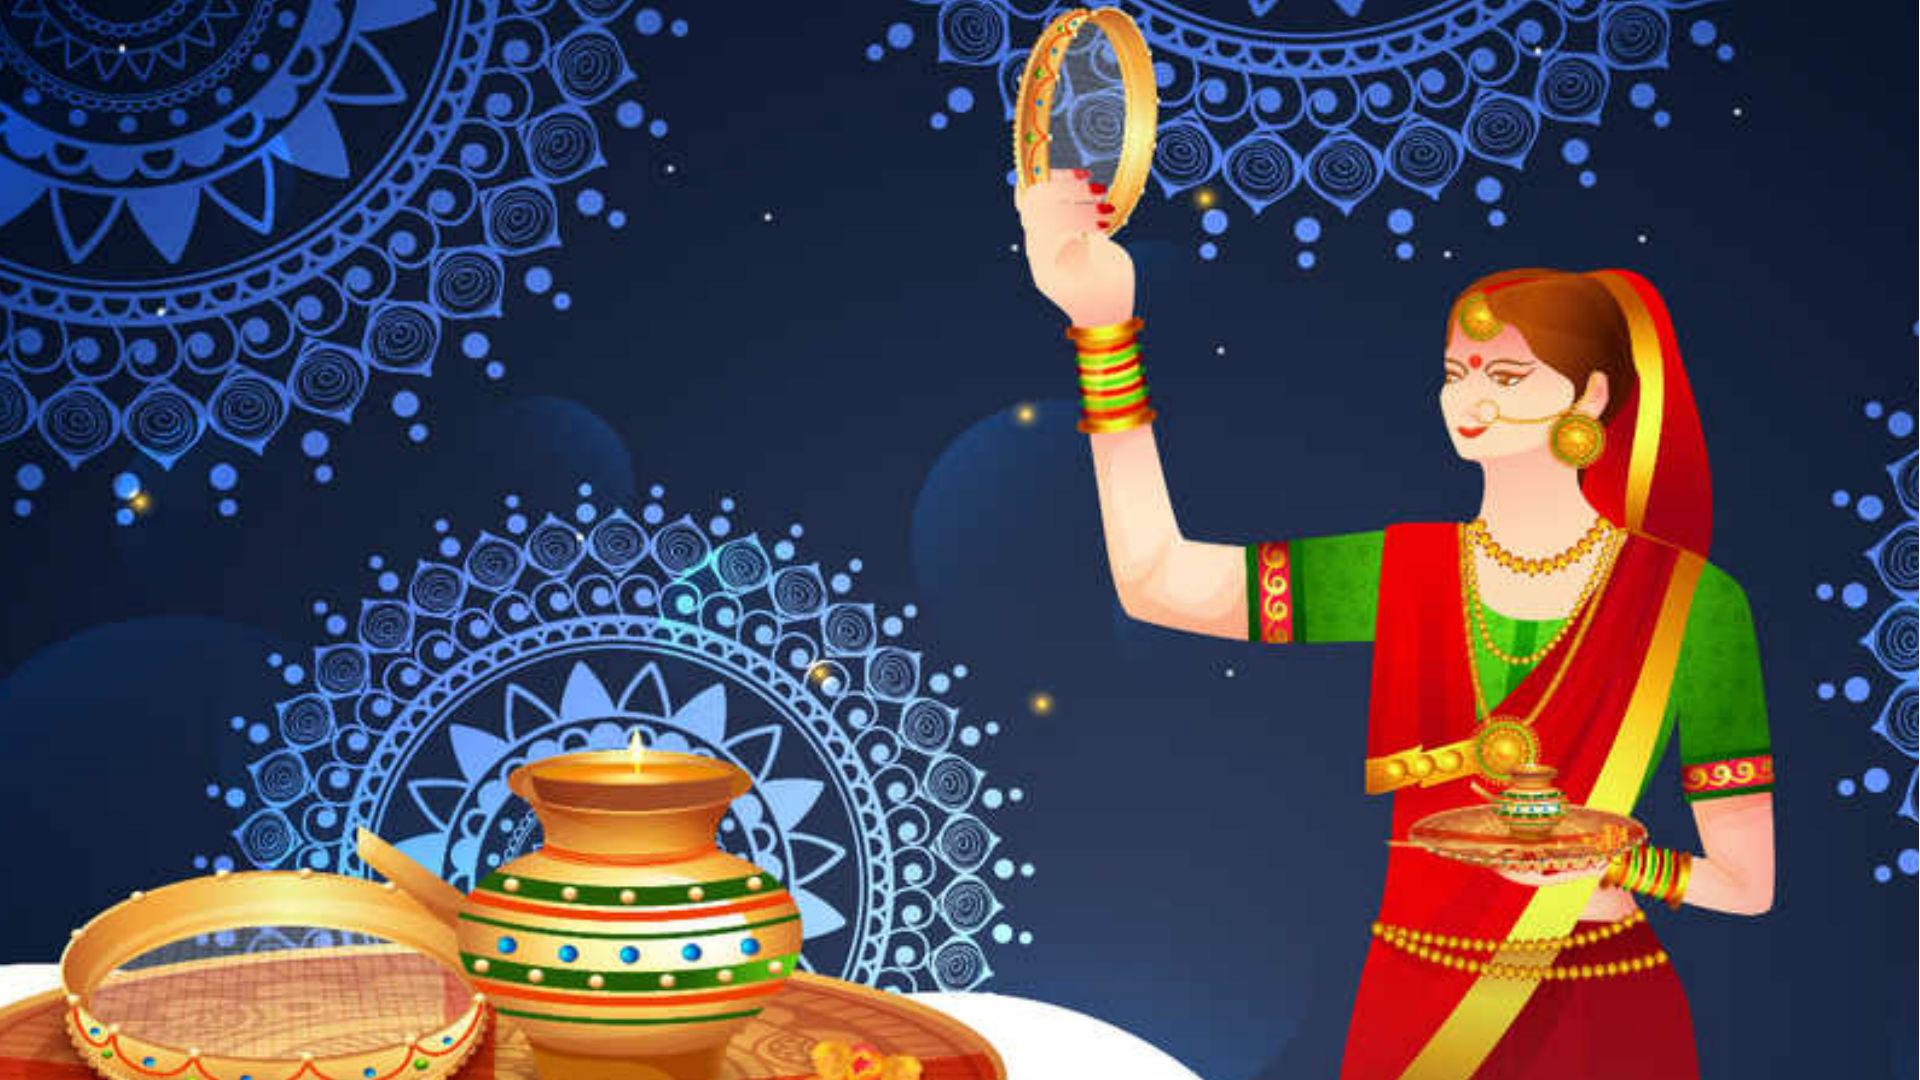 Karva Chauth 2019: निर्जल होता है करवा चौथ का उपवास, व्रत खोलते समय इन बातों का ध्यान रखें महिलाएं